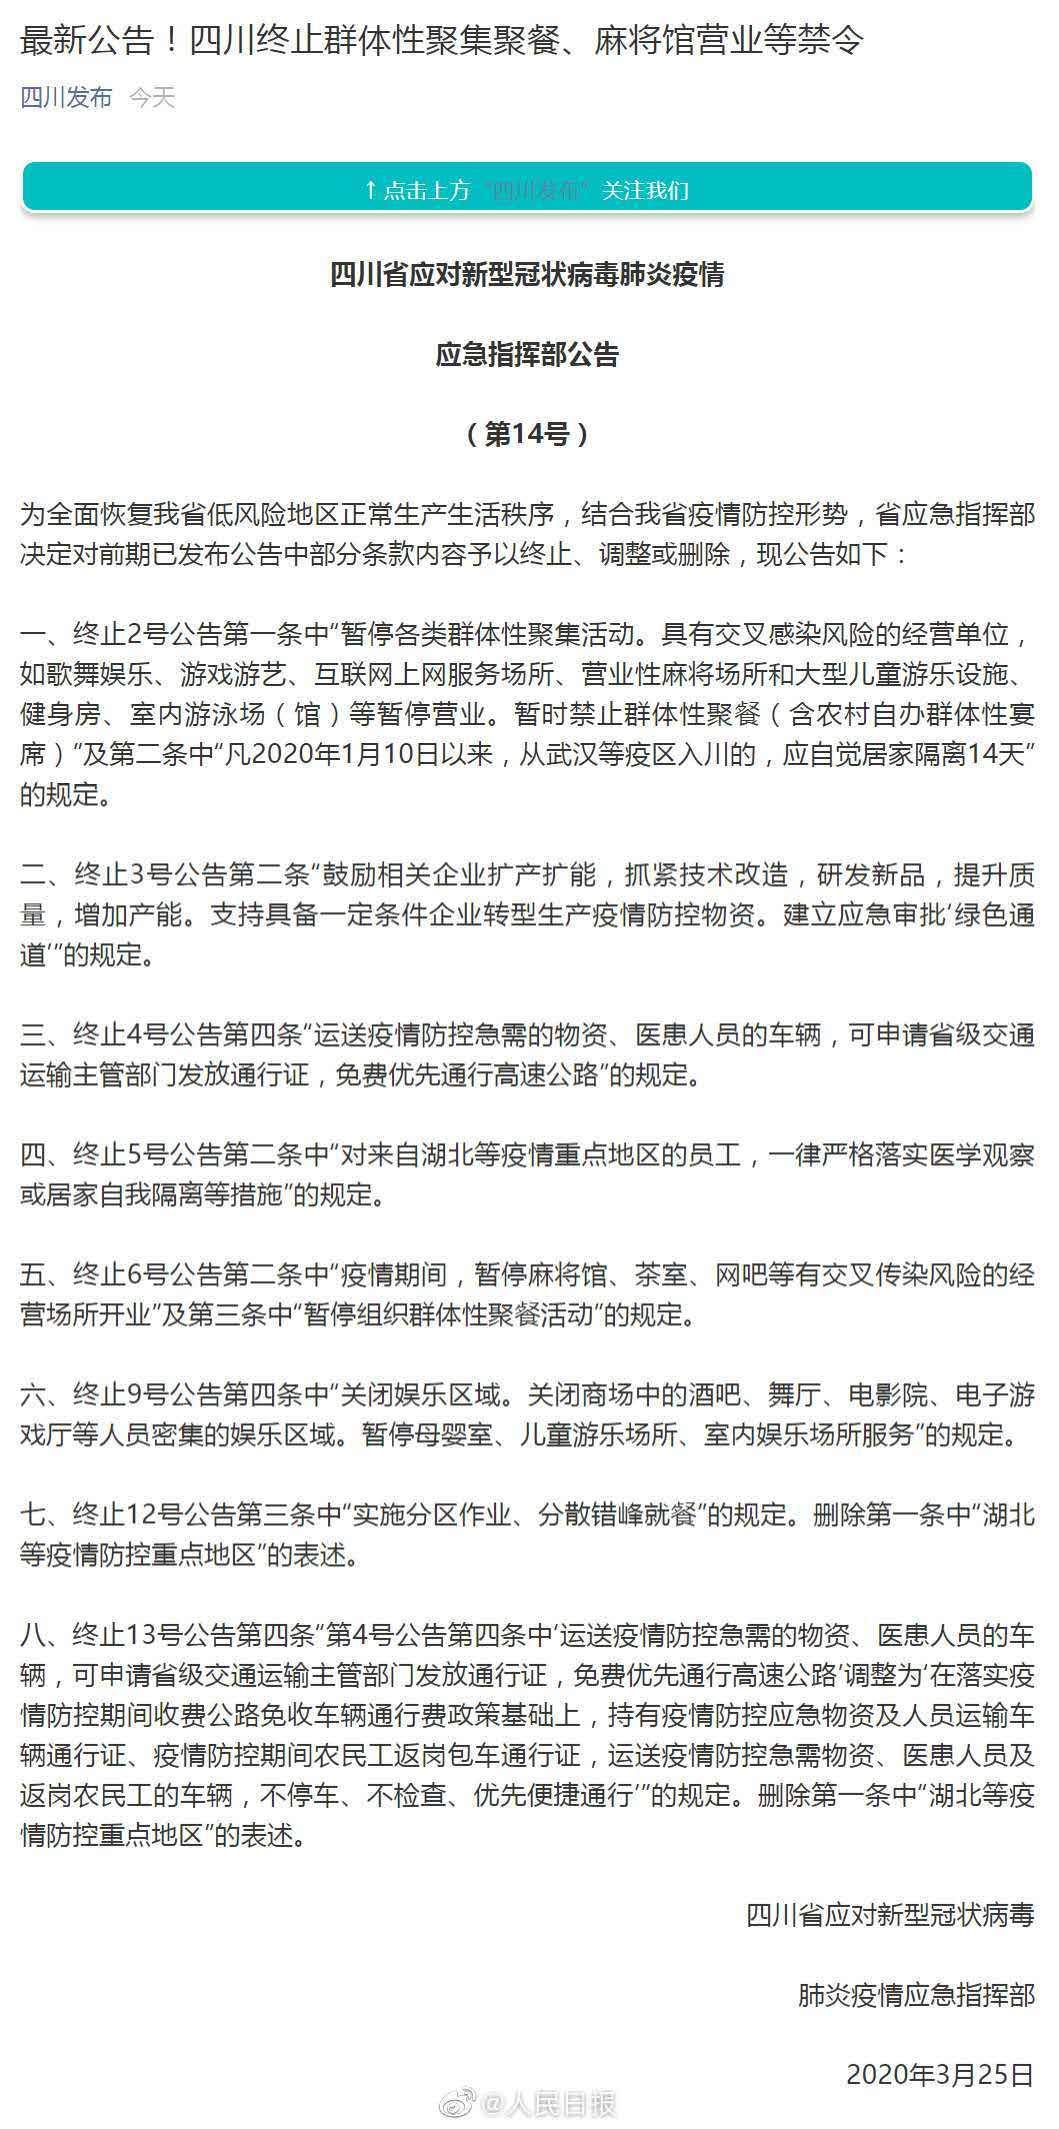 四川麻将馆允许营业